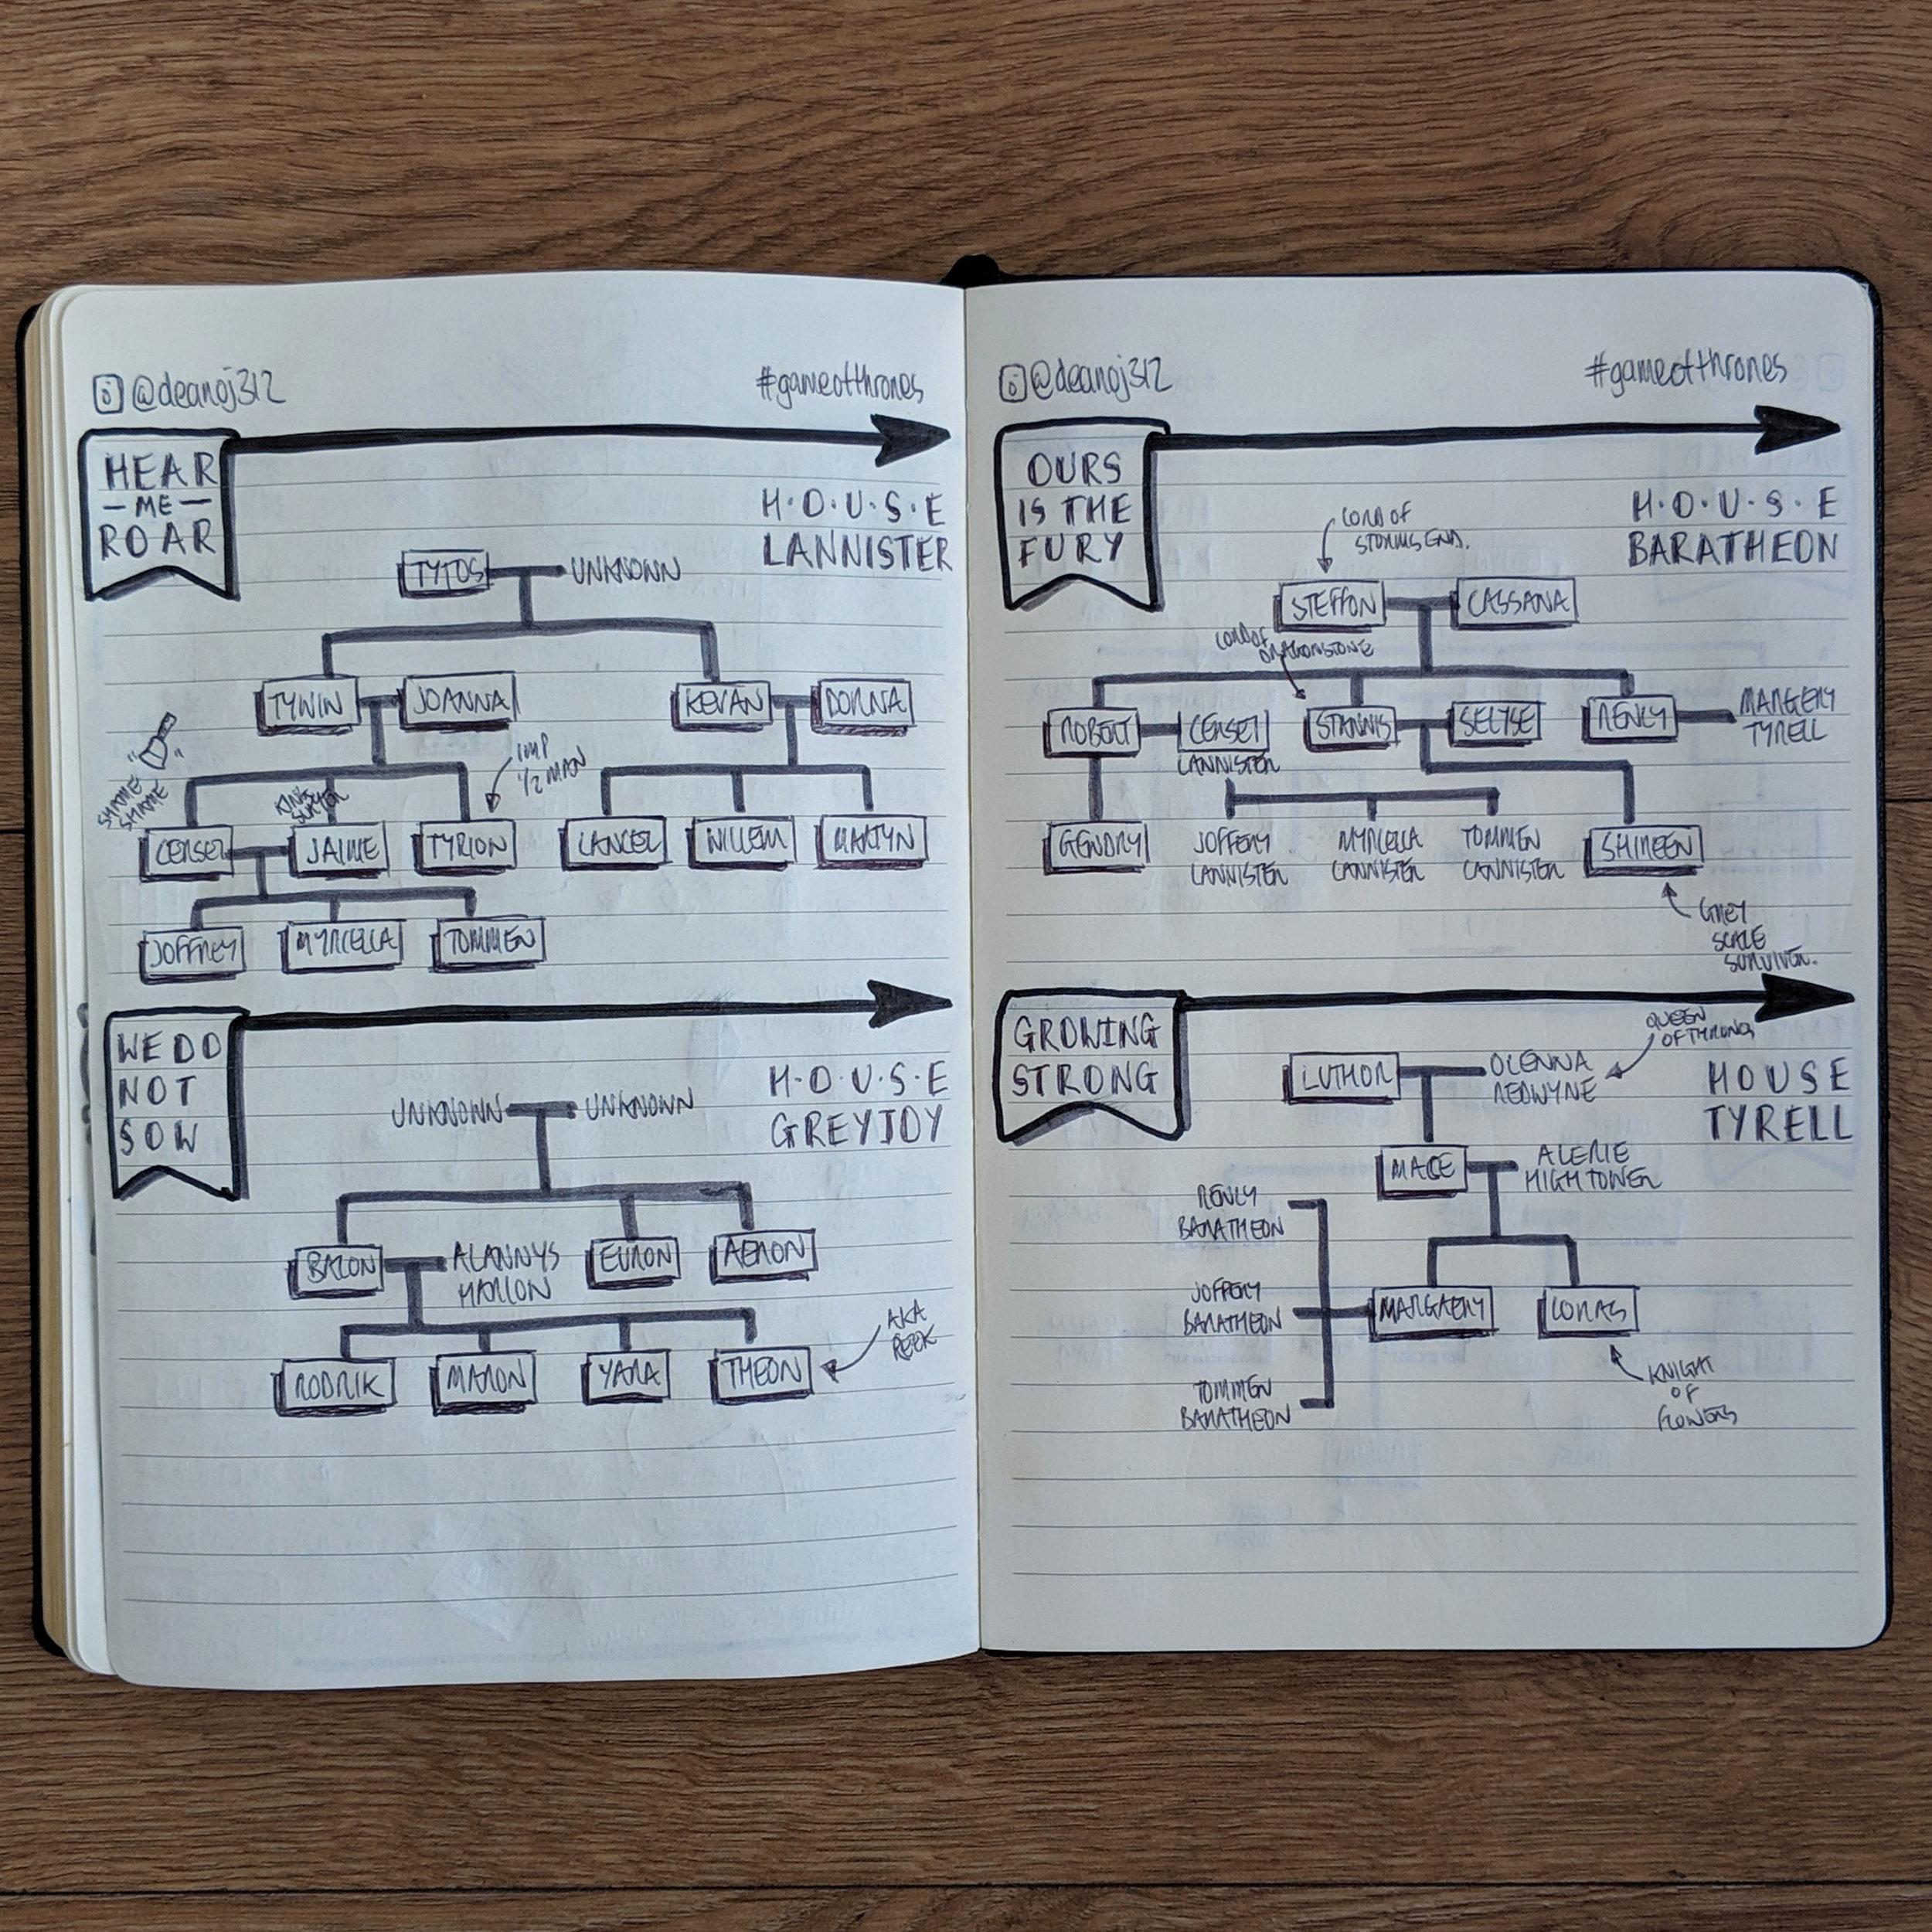 GameOfThrone-FamilyTrees8.jpg